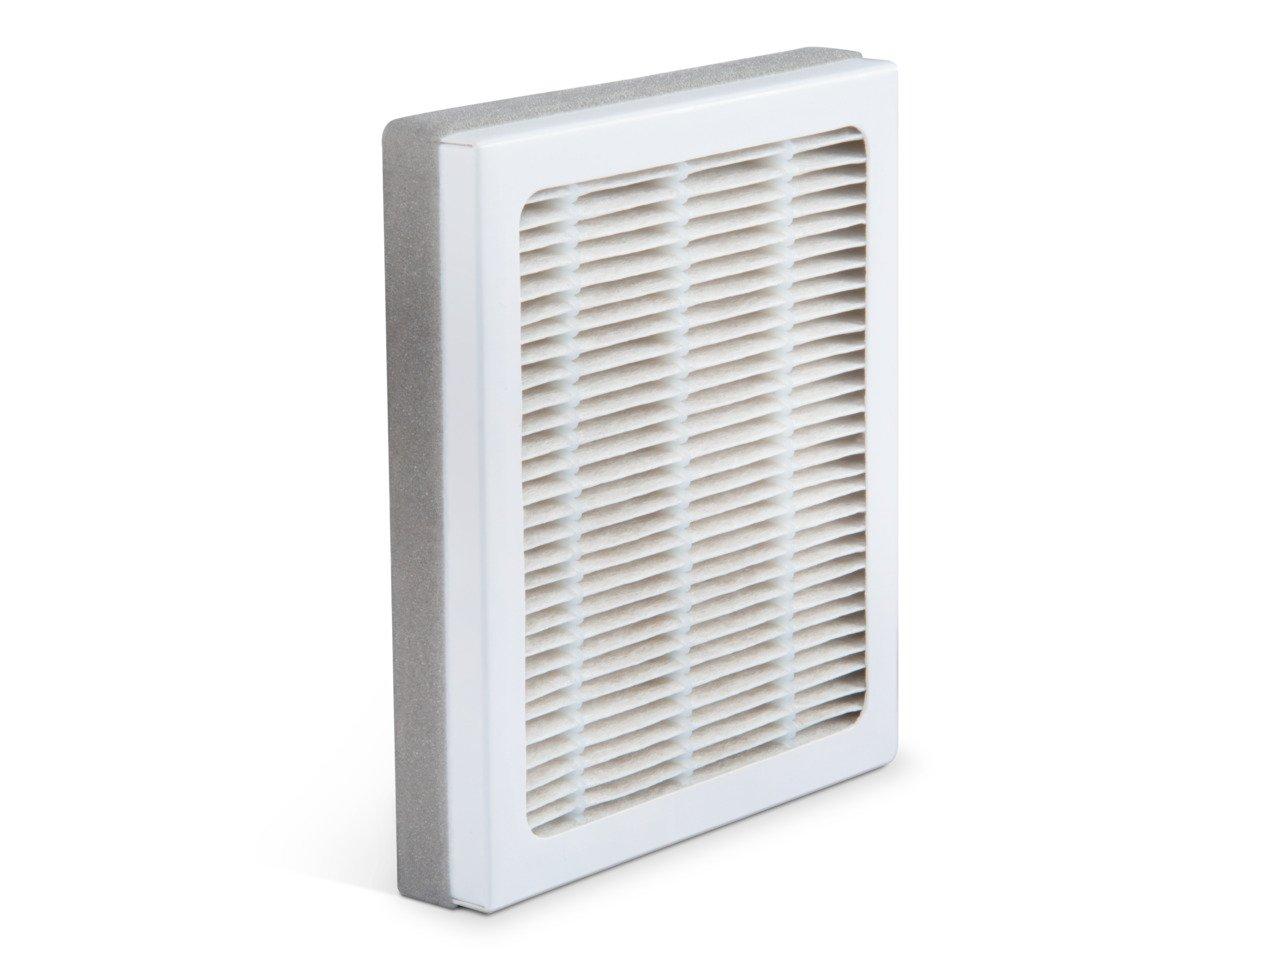 Soehnle 68105 - Filtro de aire (Blanco, 85%, Airfresh Wash 500, 90 ...